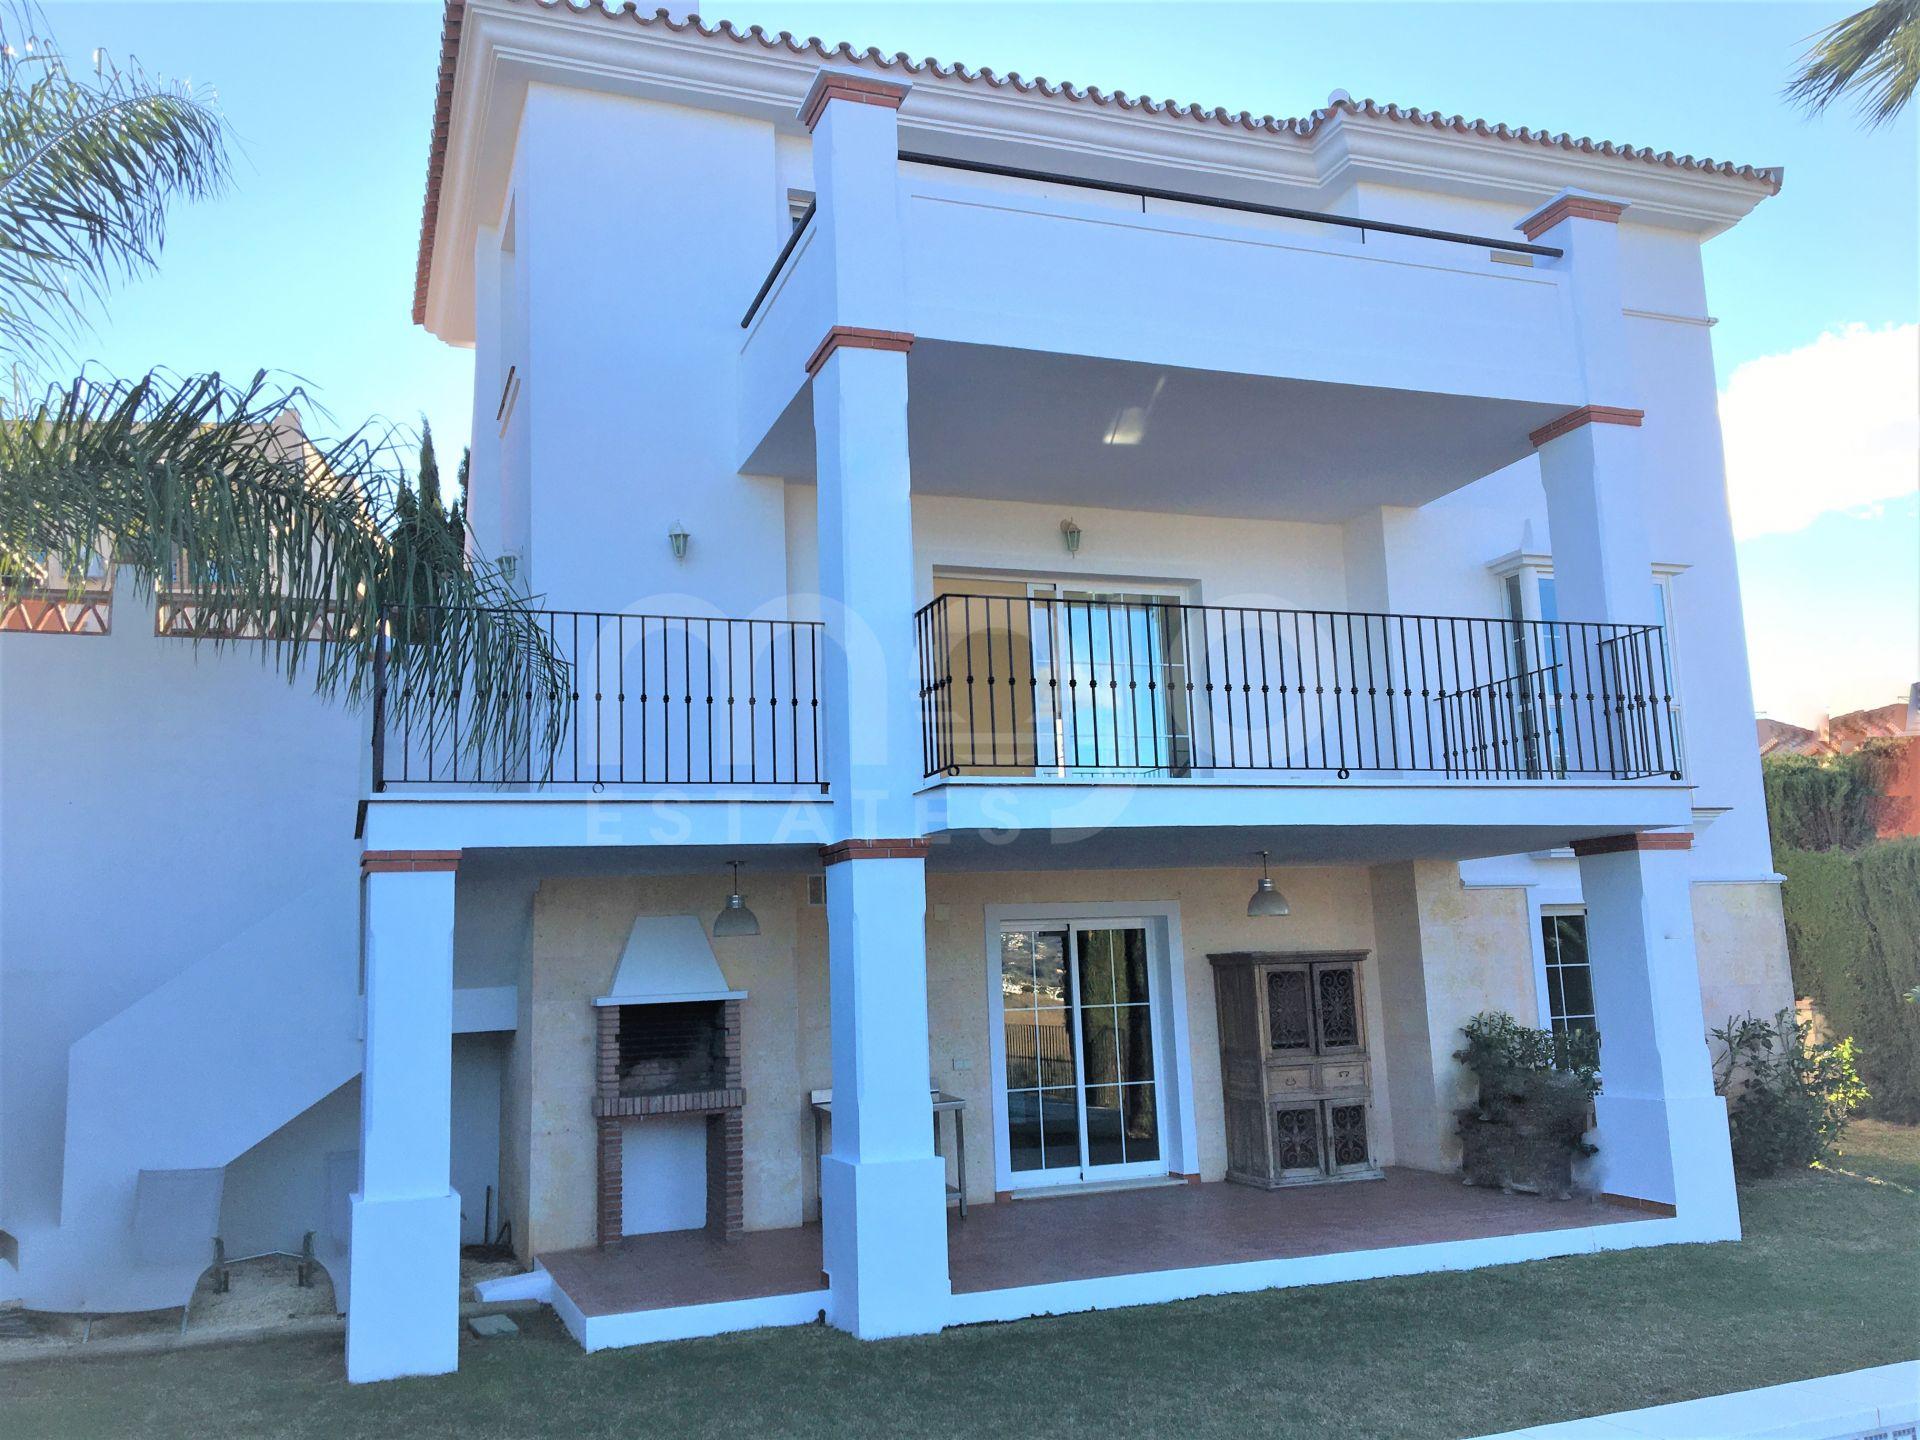 Villa till salu i Cerros del Aguila, Mijas Costa